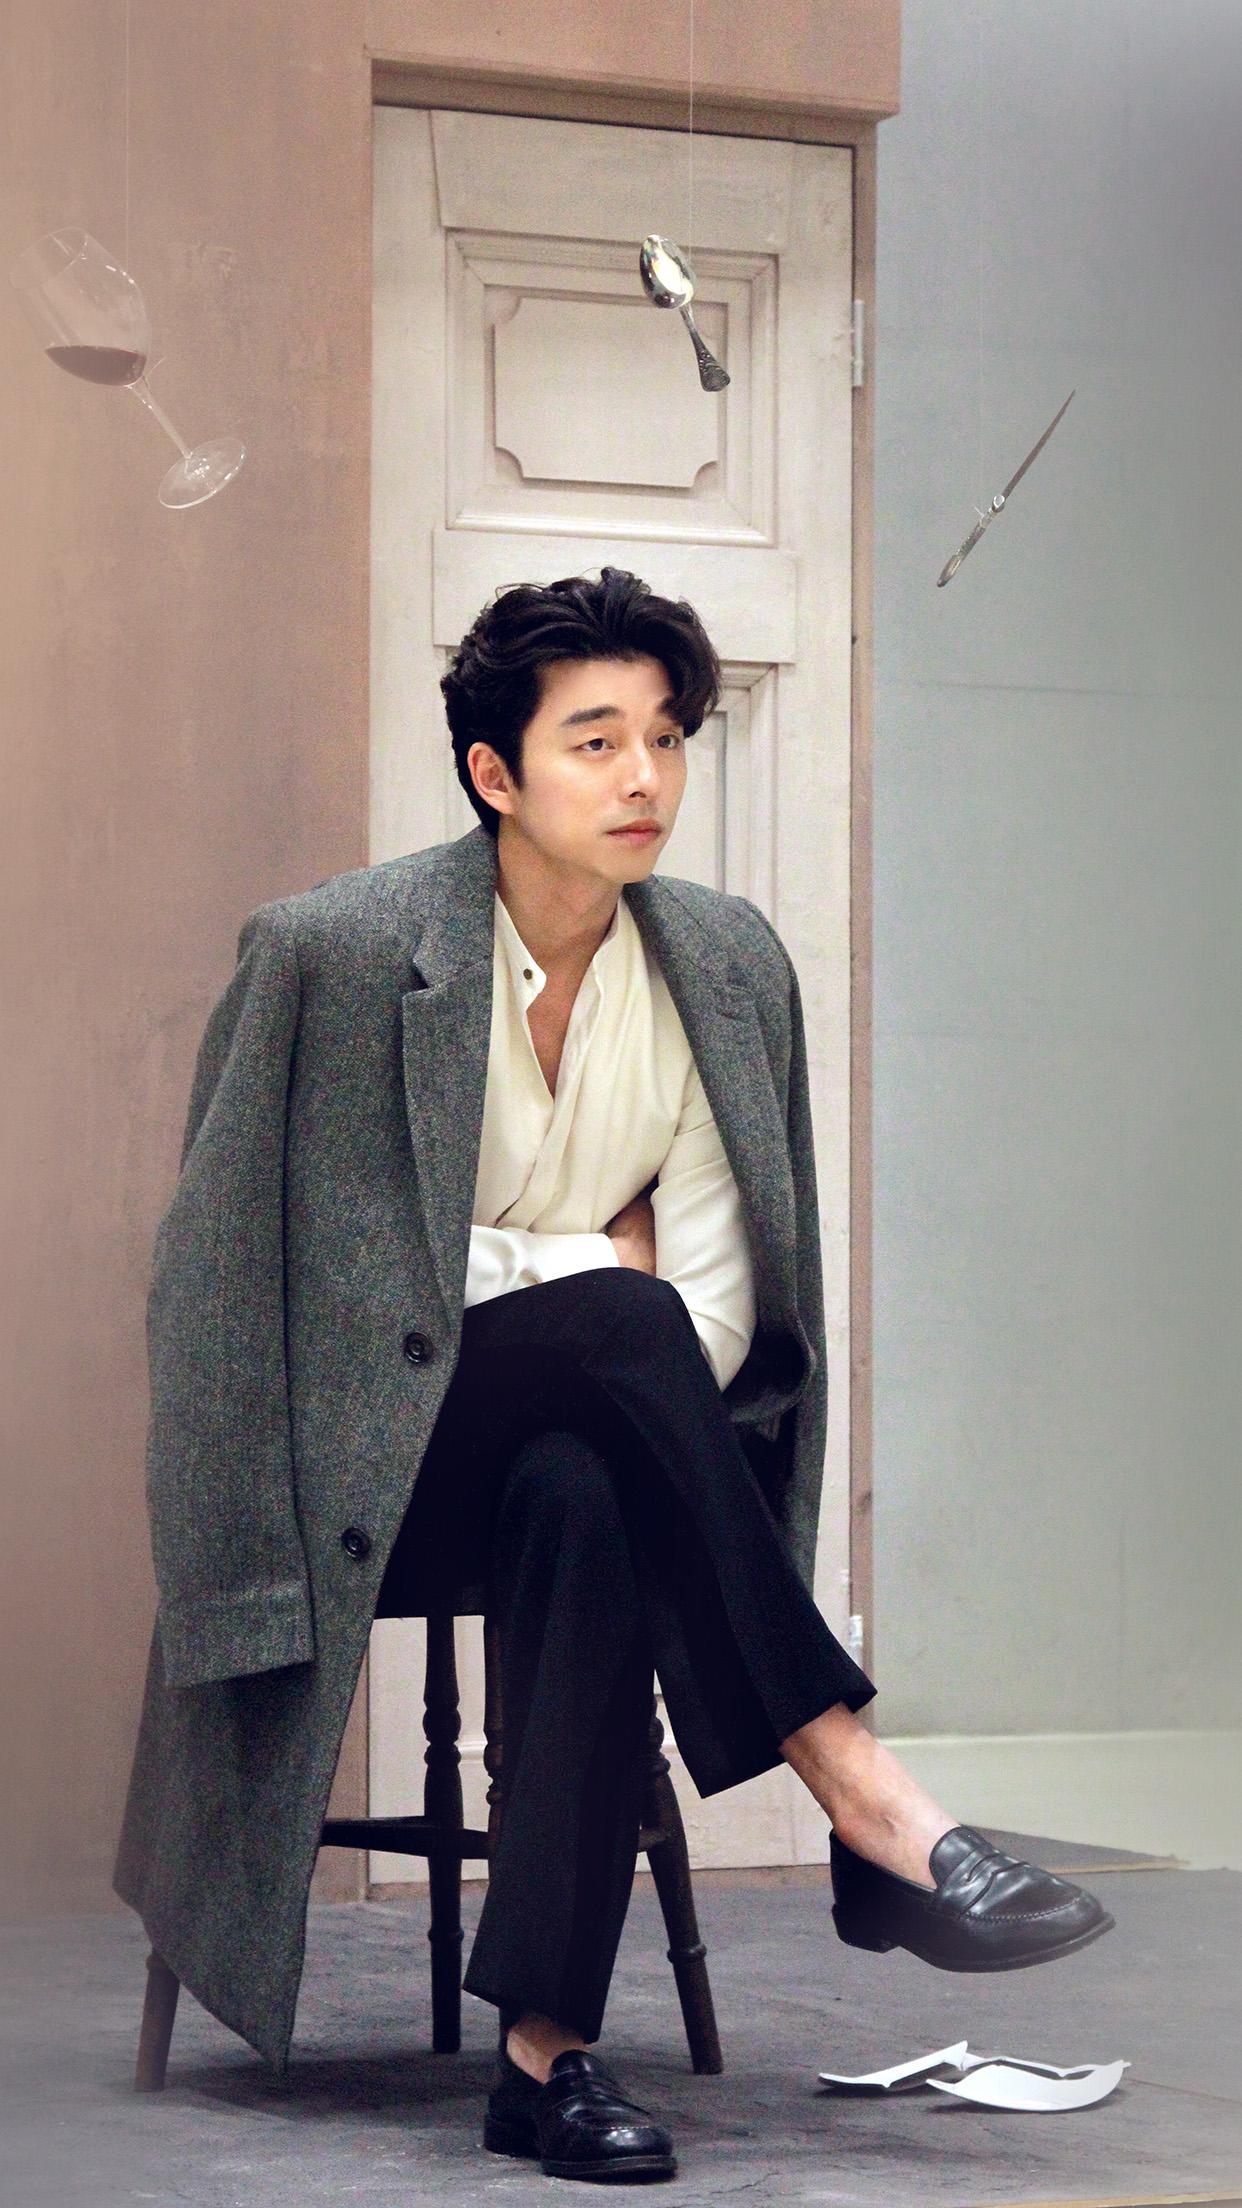 Car Boy Hd Wallpaper Hm46 Gongyoo Model Boy Celebrity Kpop Wallpaper